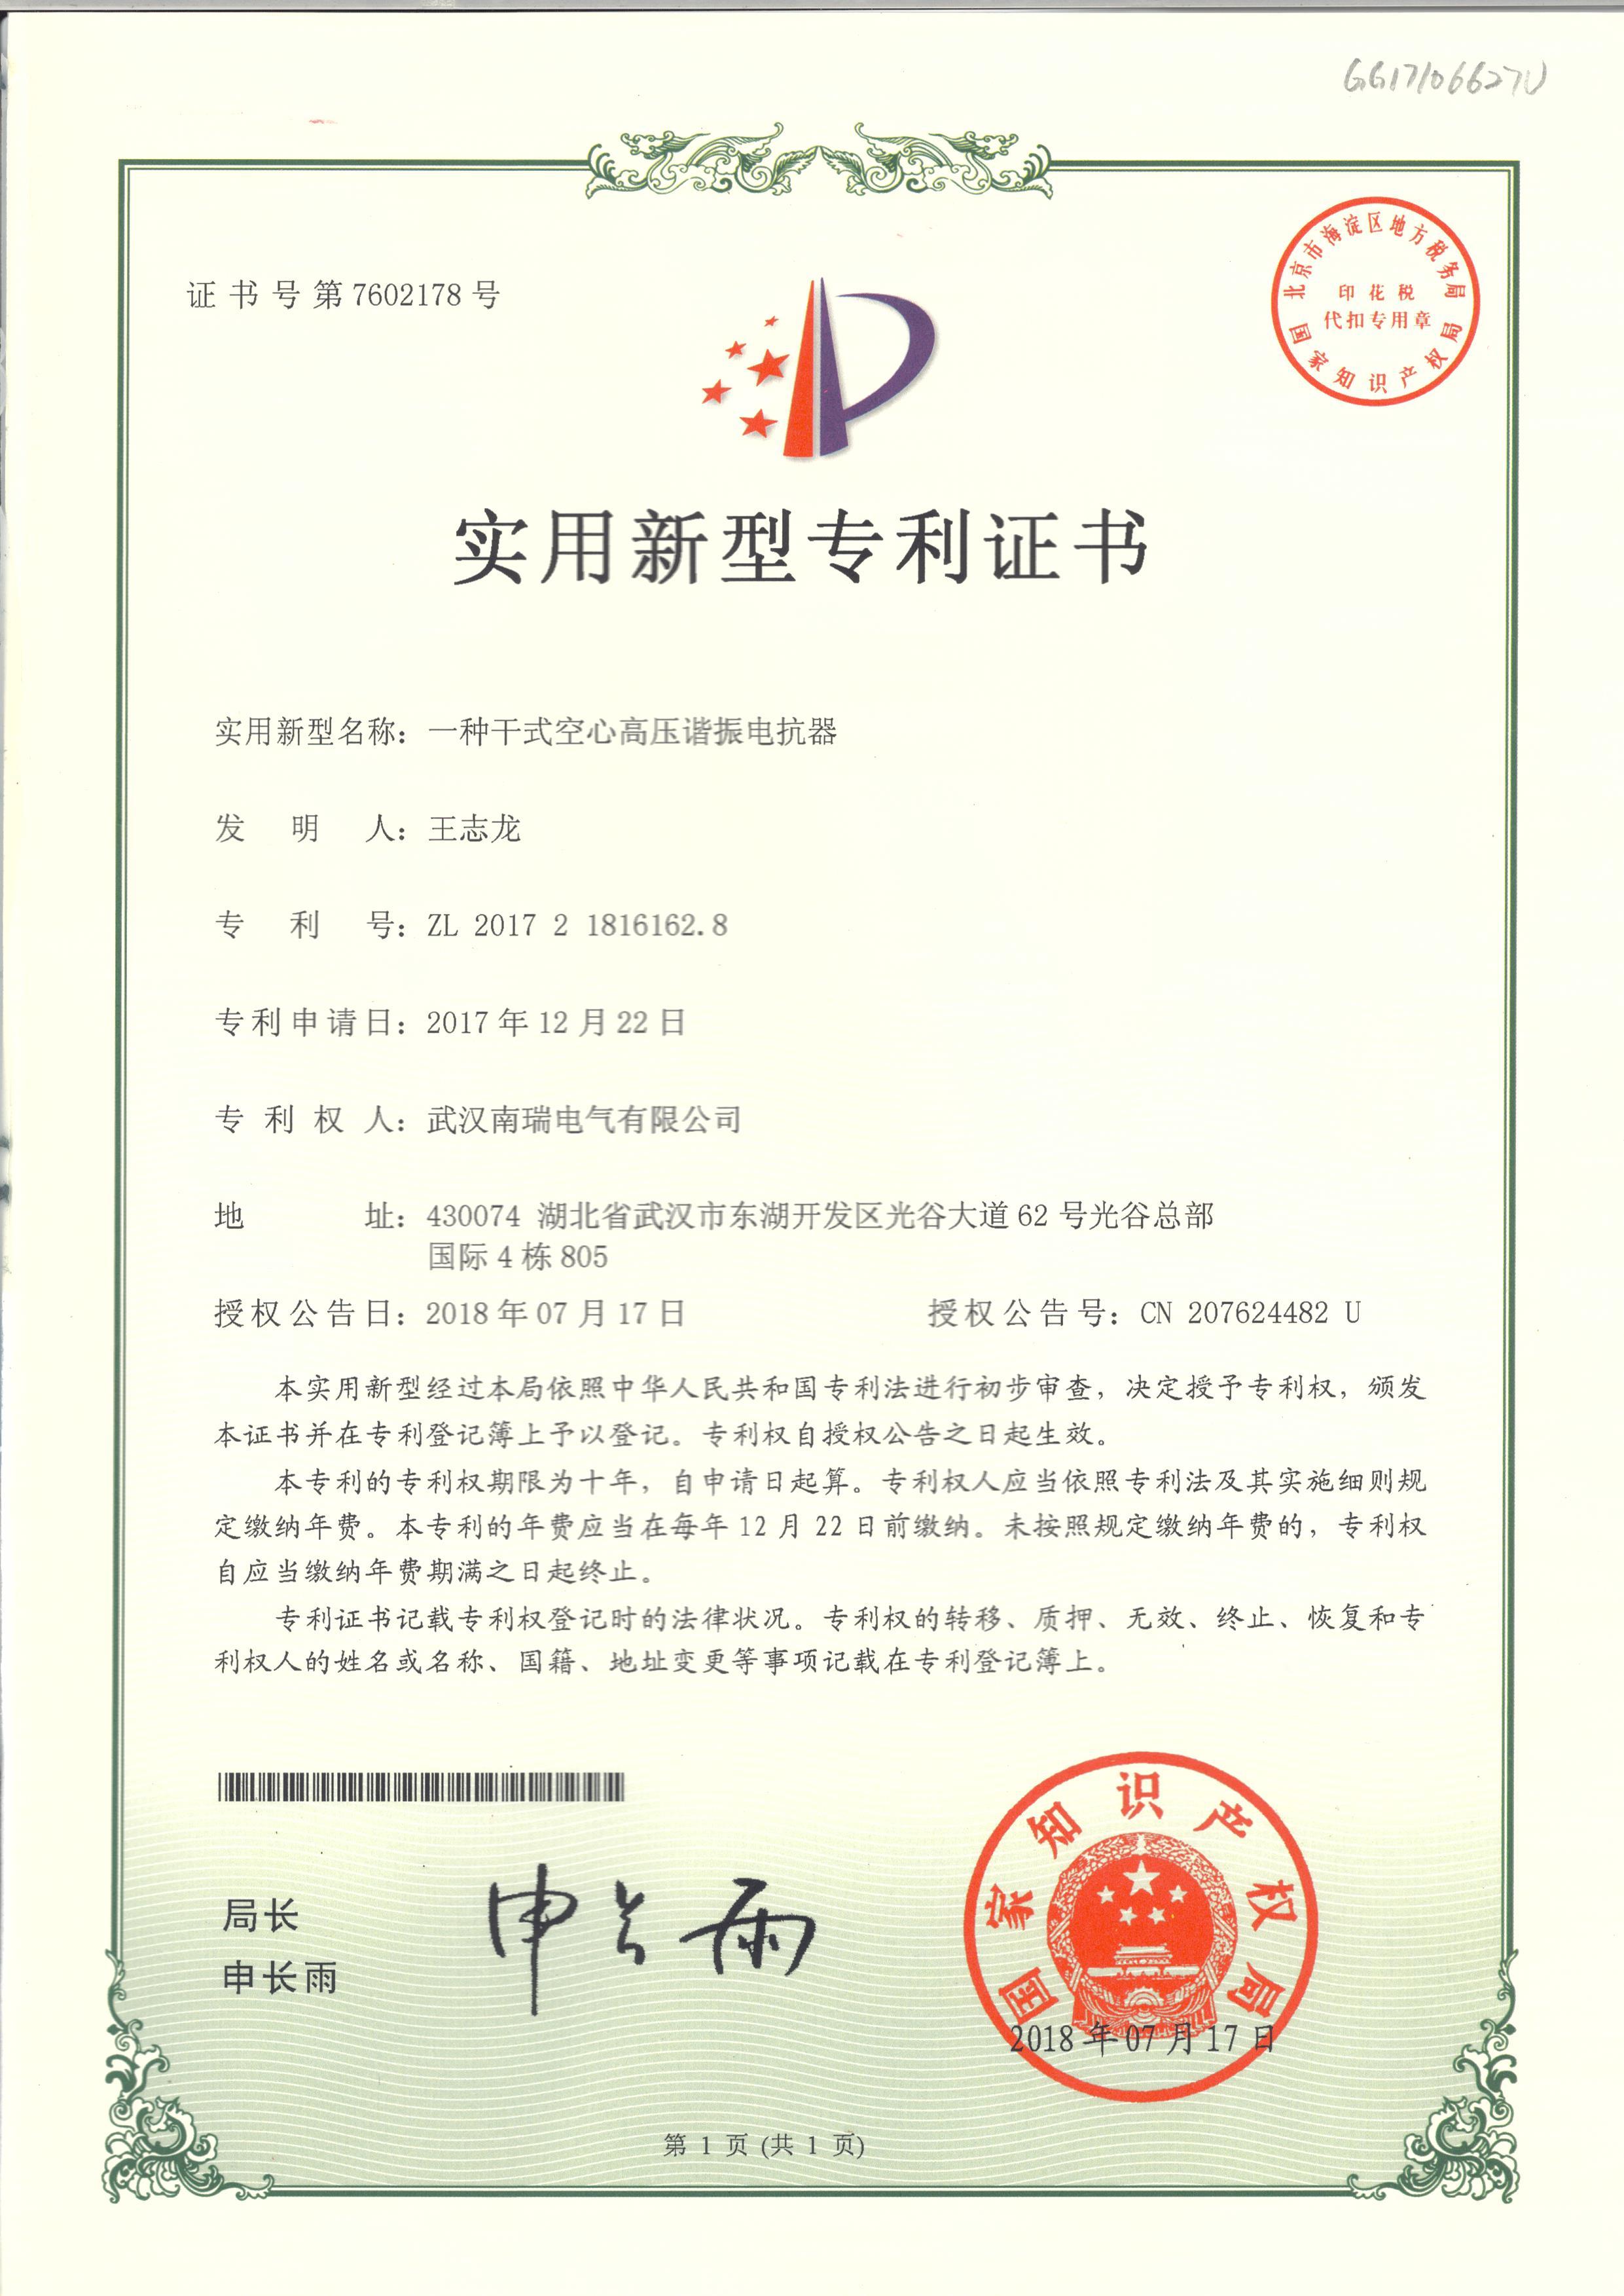 干式空芯高压谐振电抗器专利证书